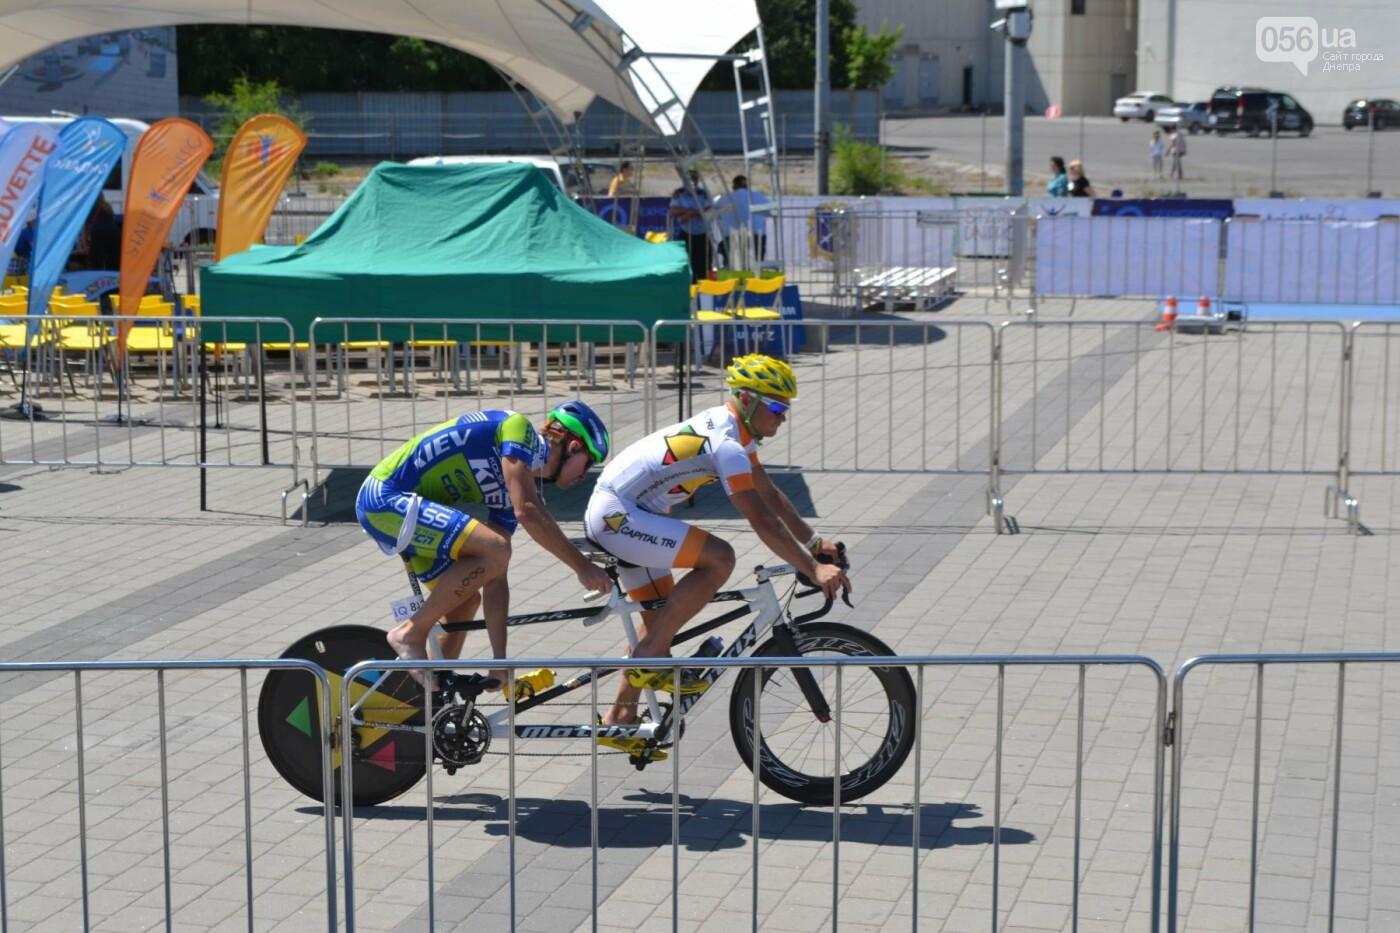 Плаванье, езда на велосипеде, бег: в Днепре стартовали соревнования по триатлону, - ФОТОРЕПОРТАЖ , фото-1